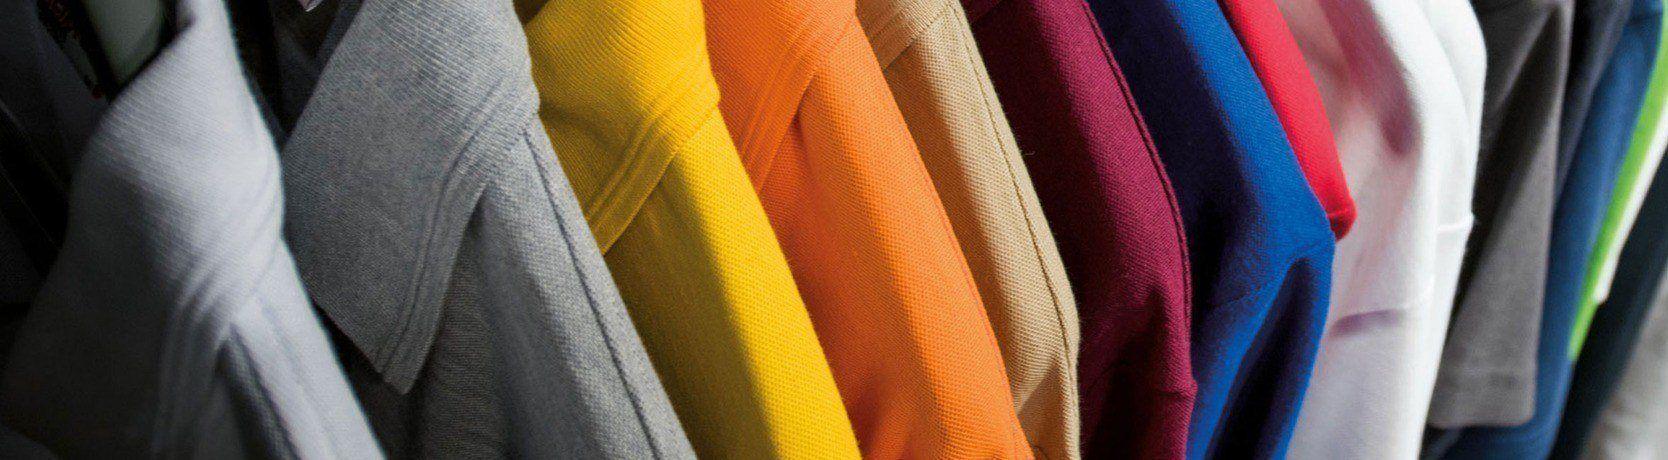 Polo's alle kleuren